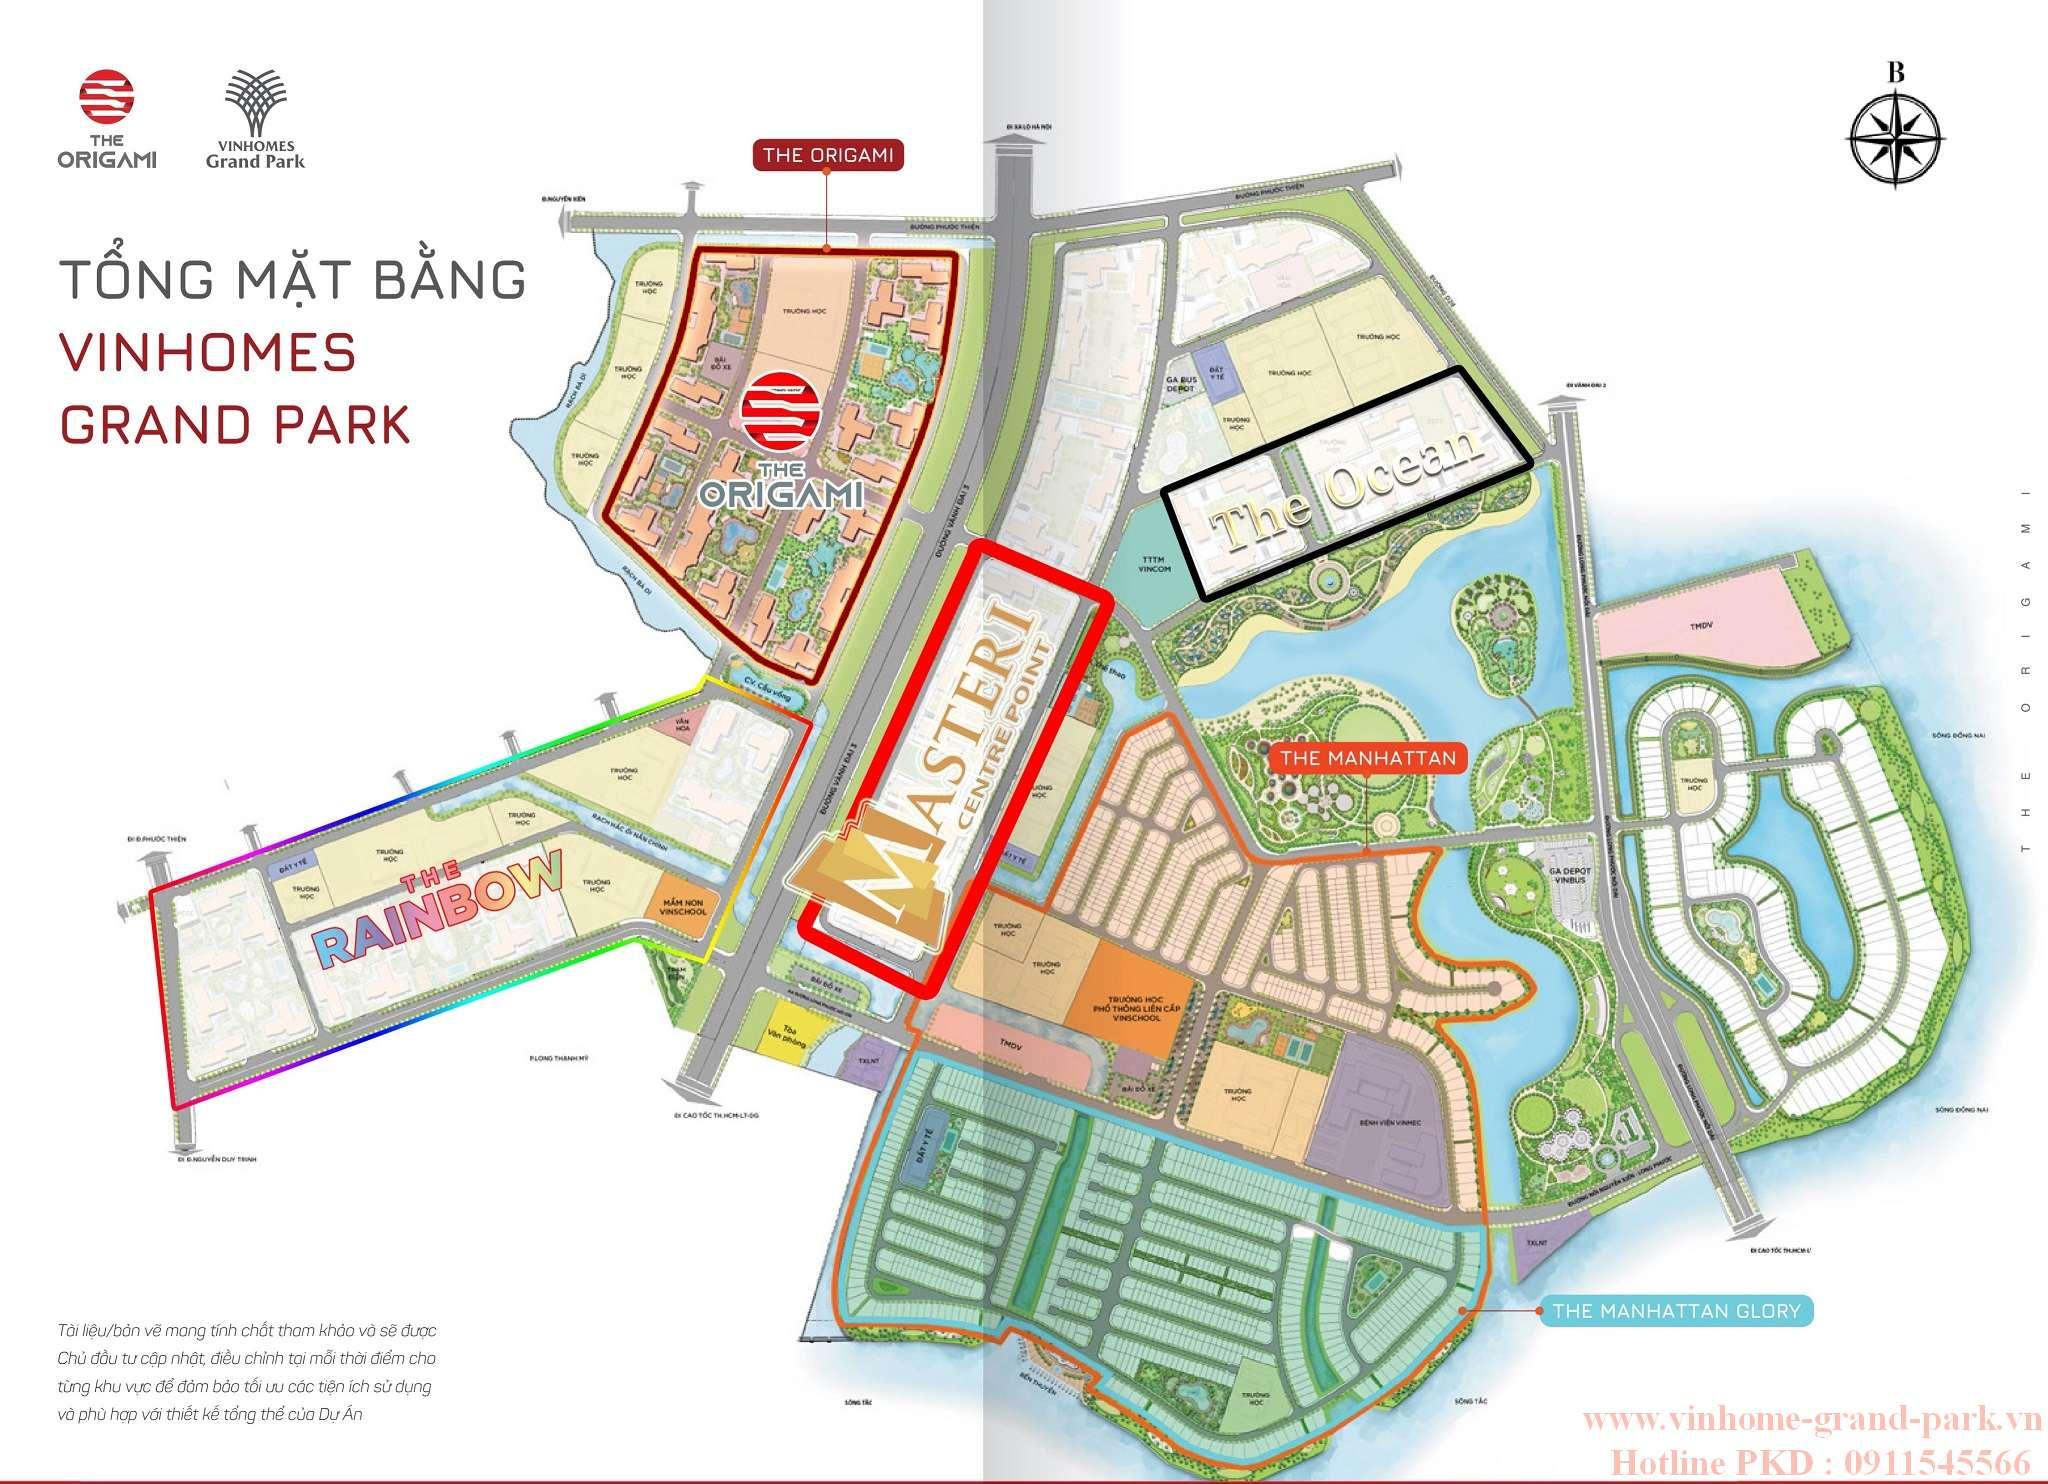 Mat-bang-tong-vinhomes-grand-park